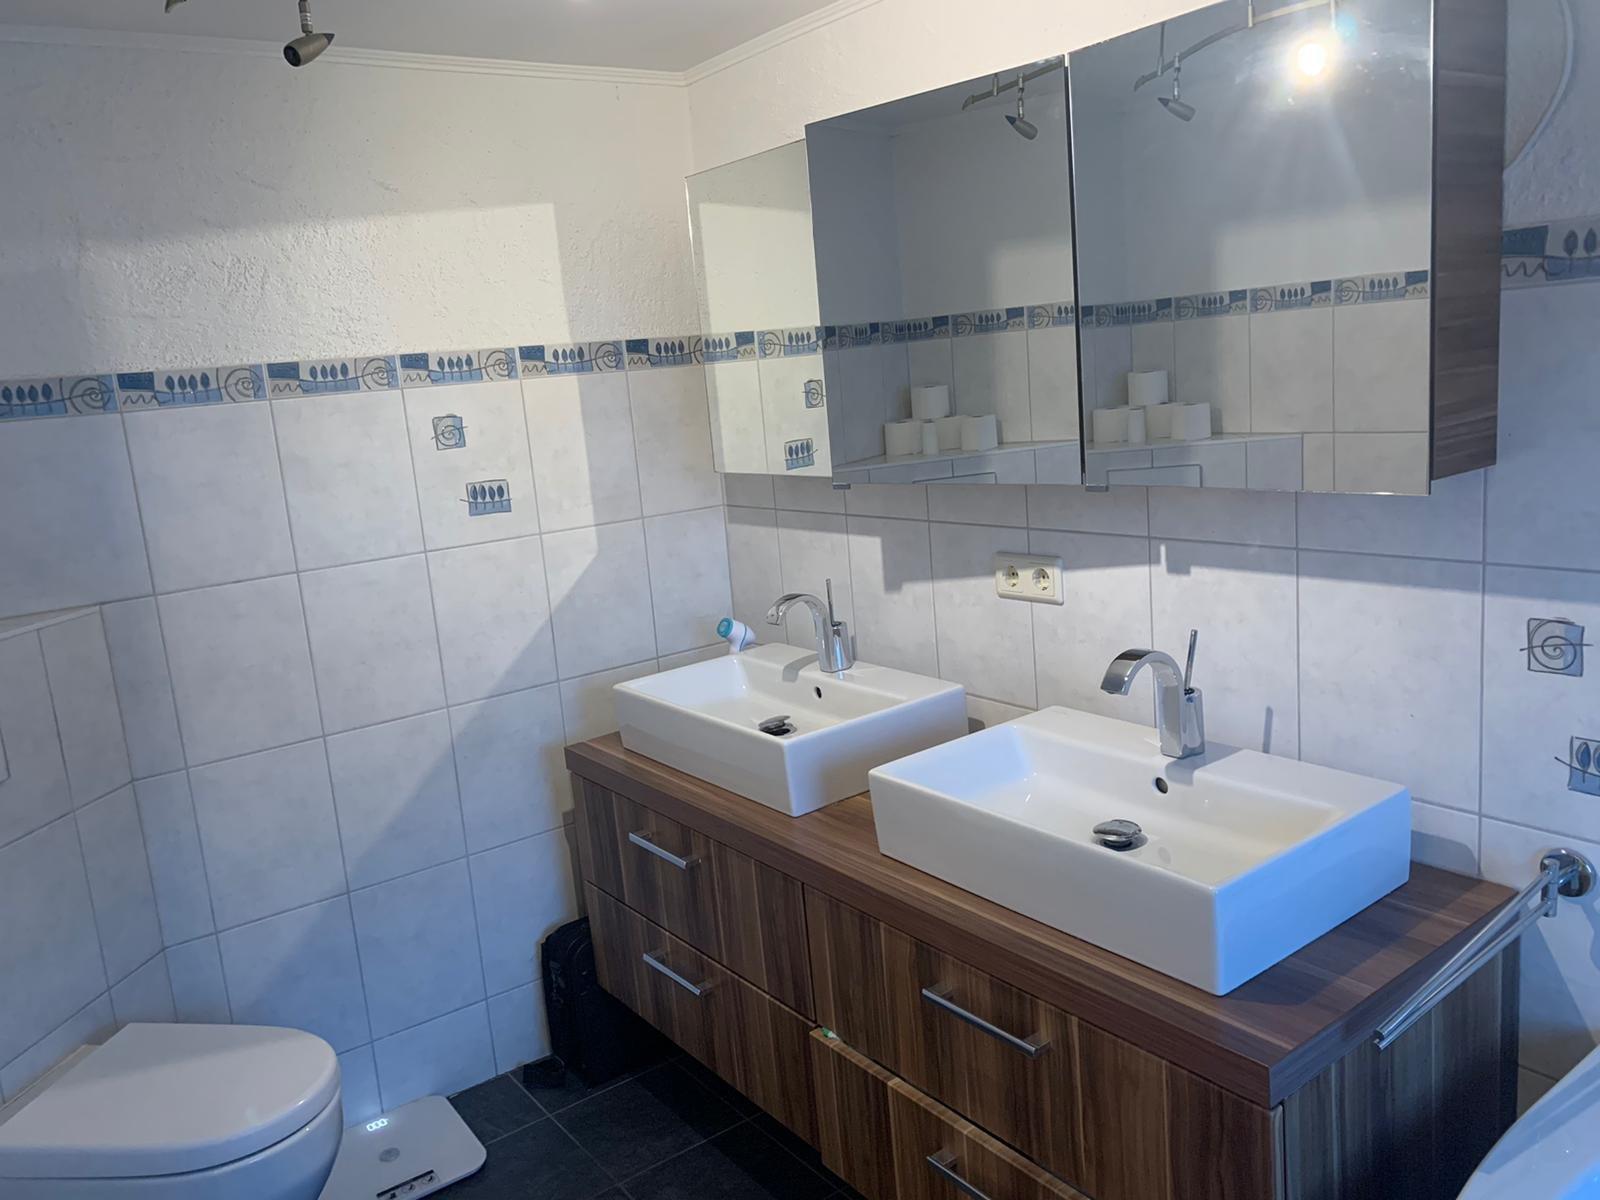 Verkauf Haus - Niederkorn - Luxemburg